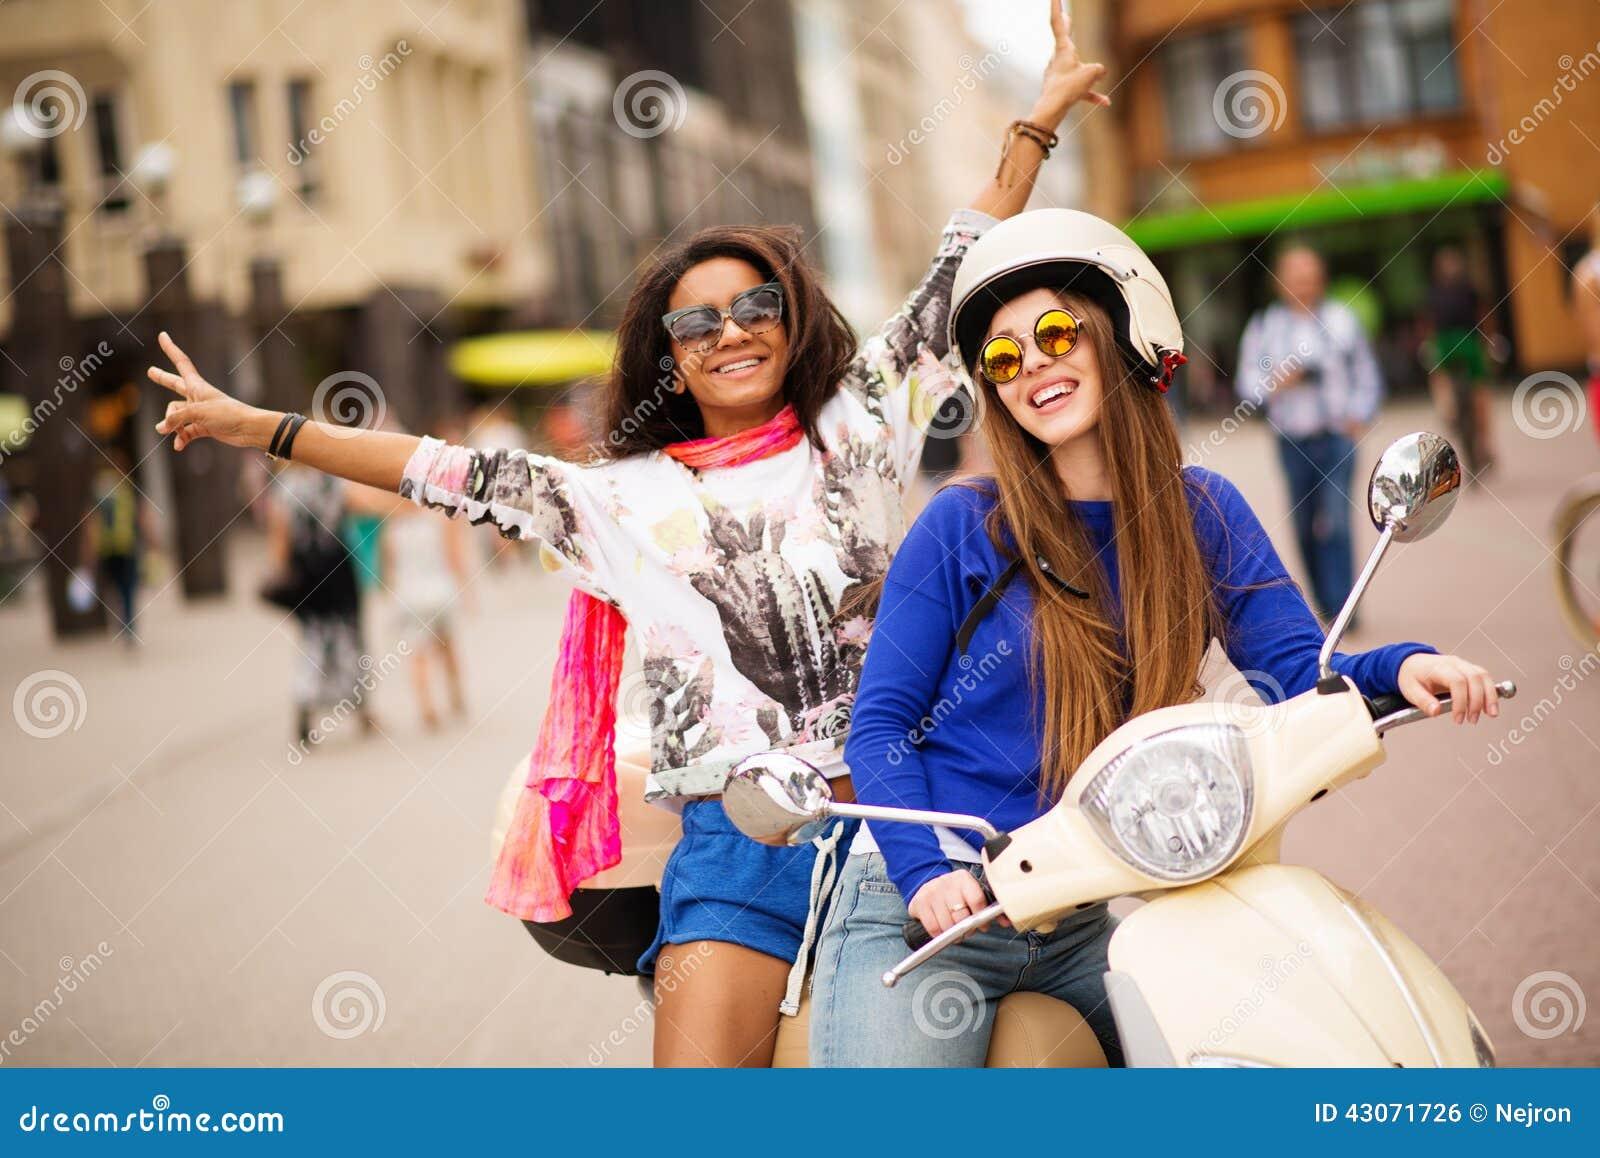 Meisjes op een autoped in een stad